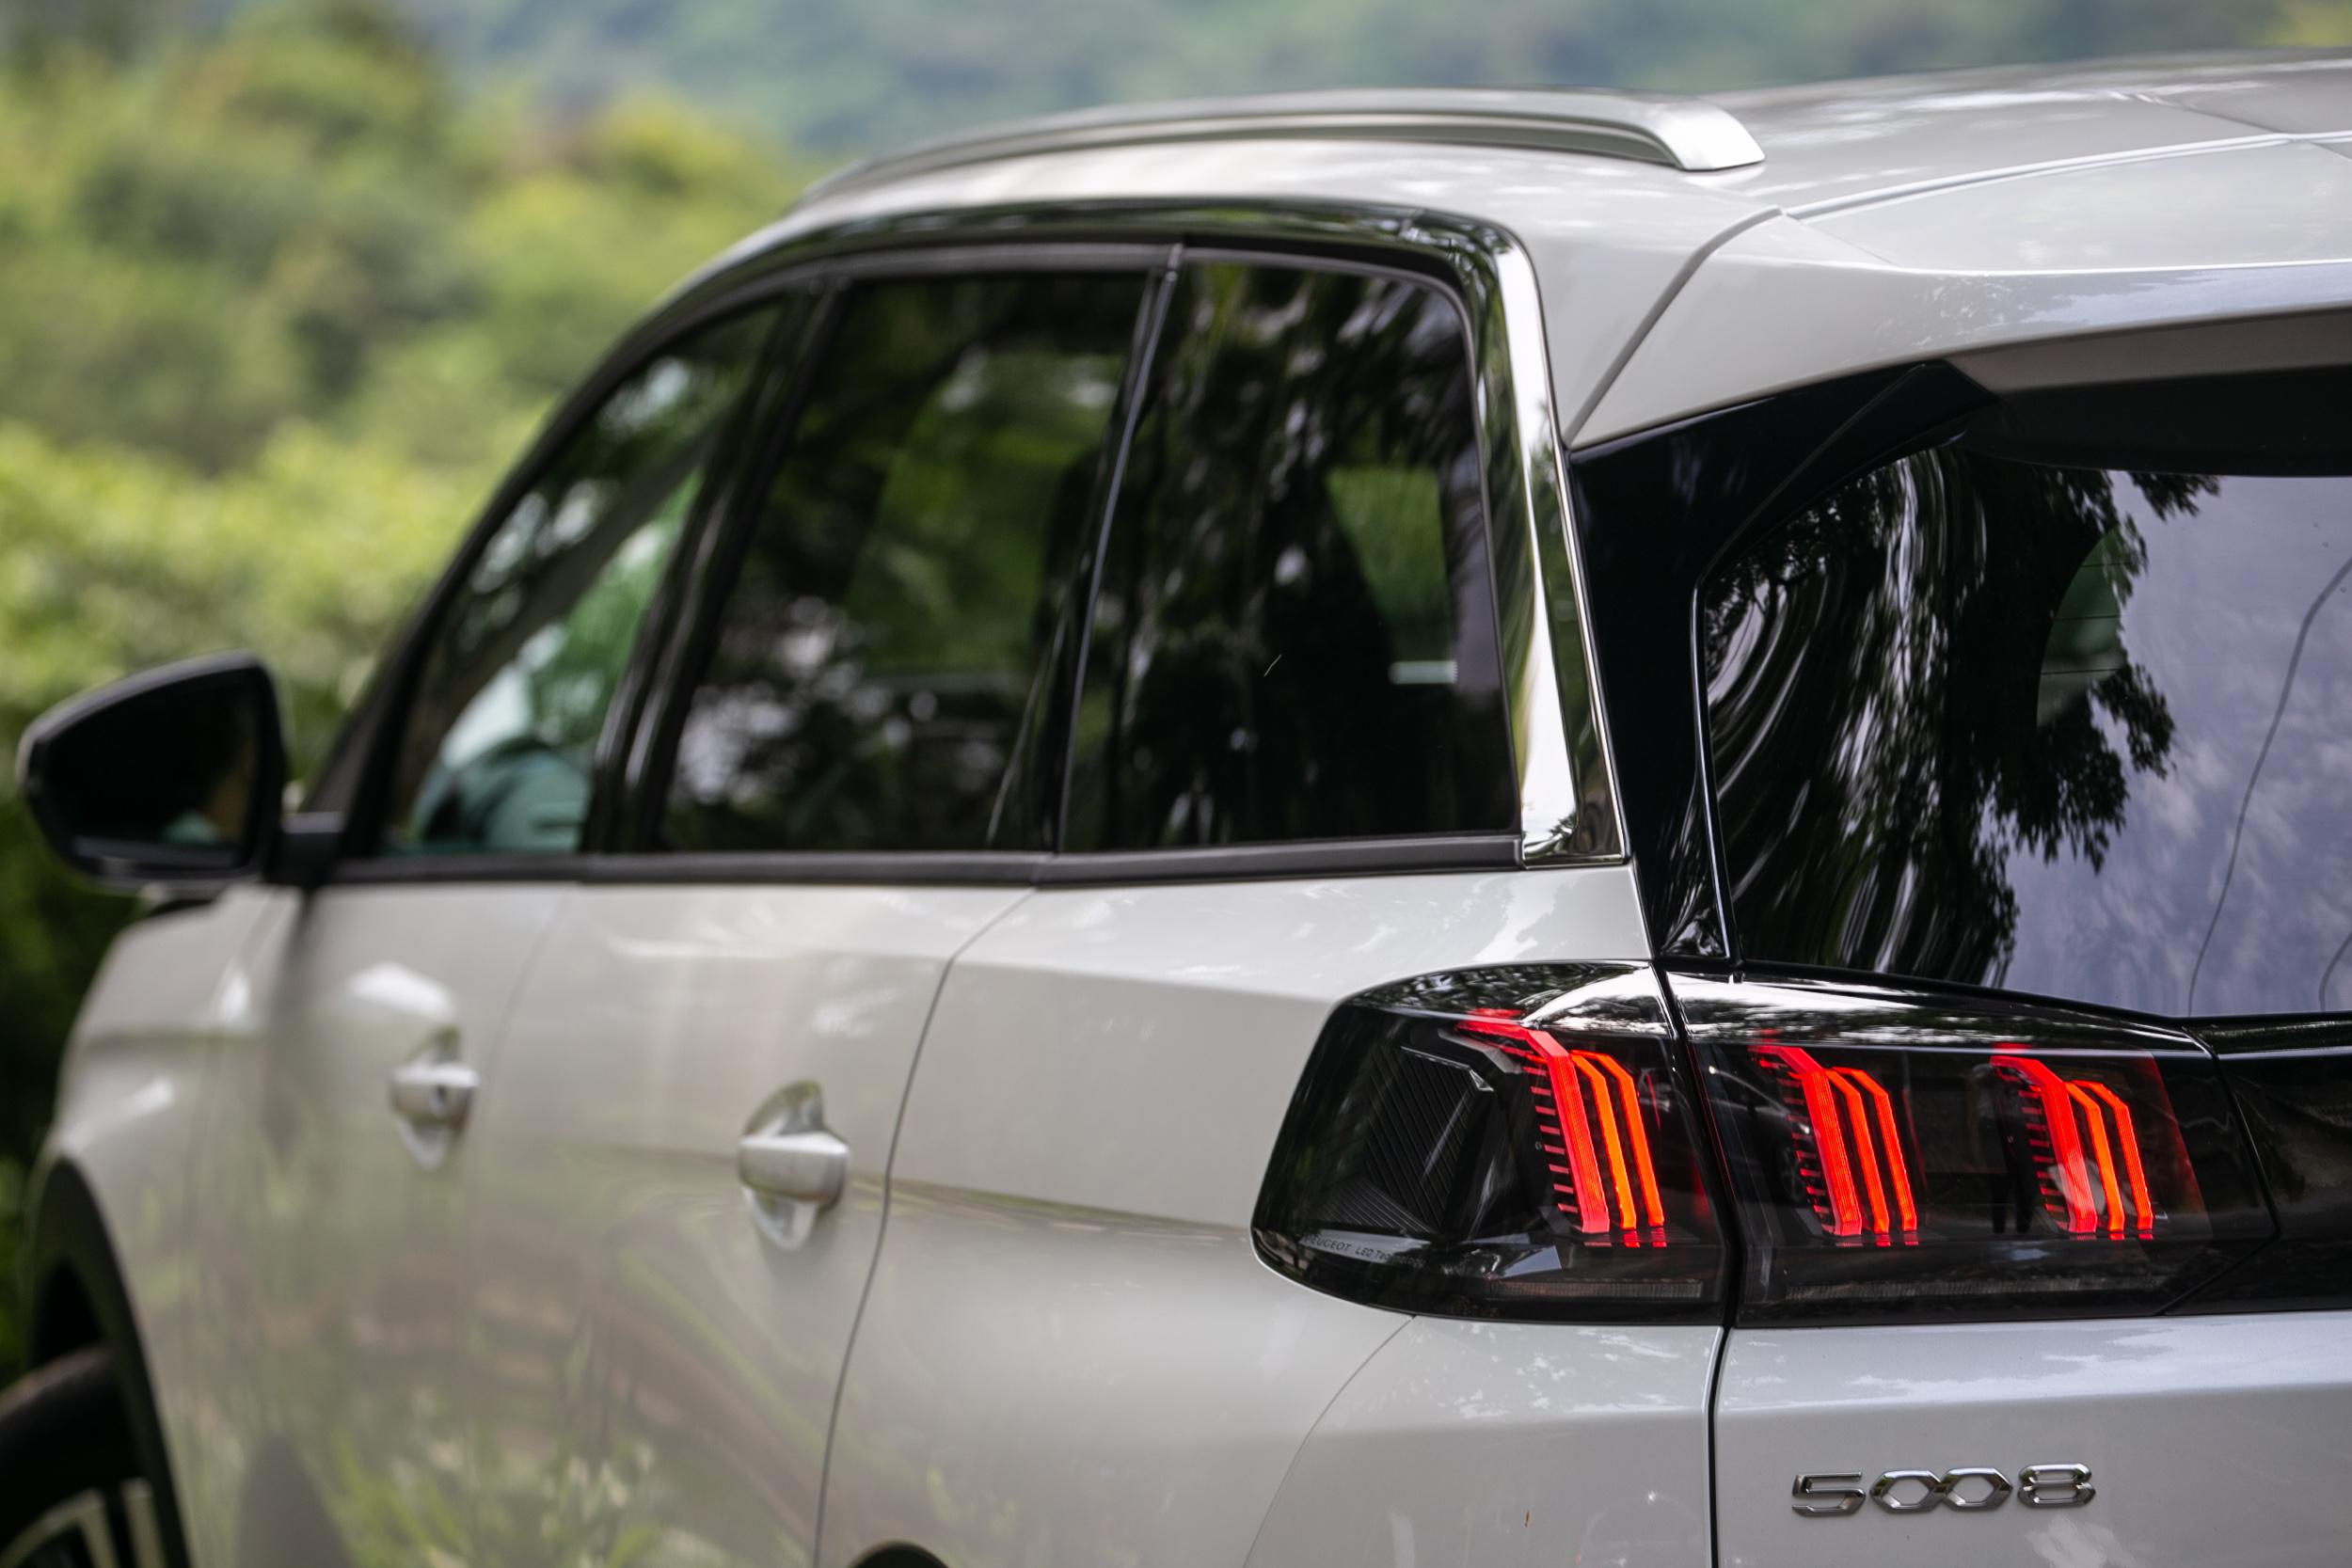 獅爪般的LED尾燈讓車尾辨識度更加出色。